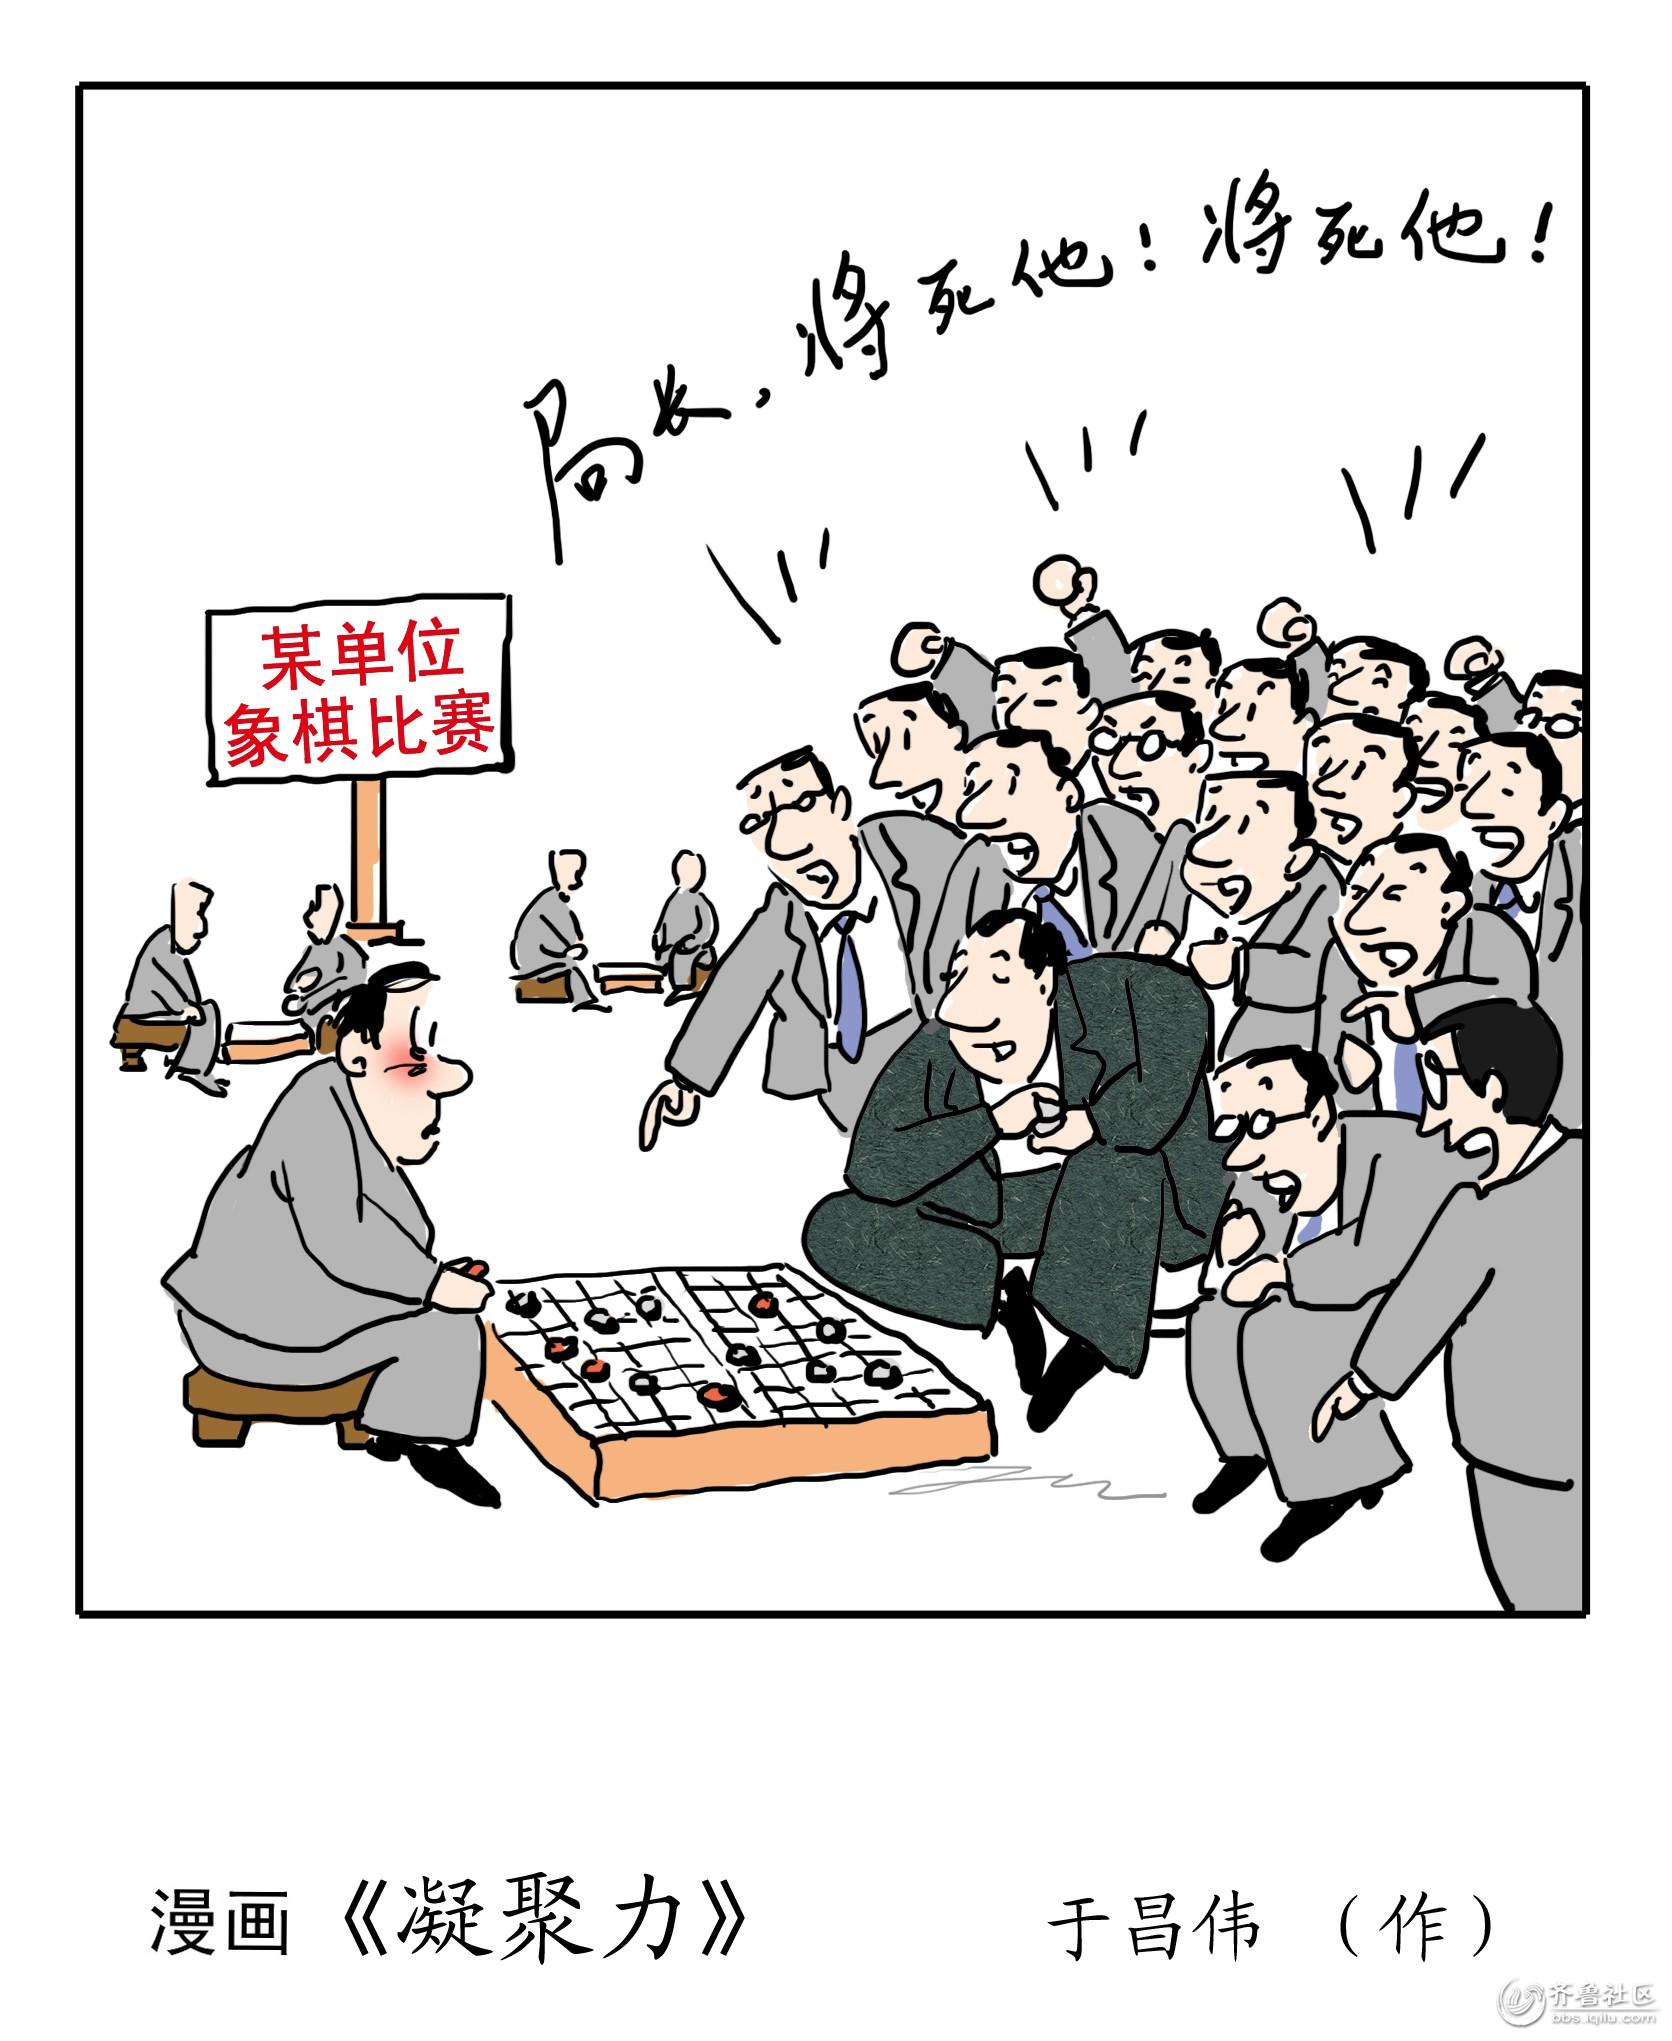 wb2彩色漫画《凝聚力》.jpg